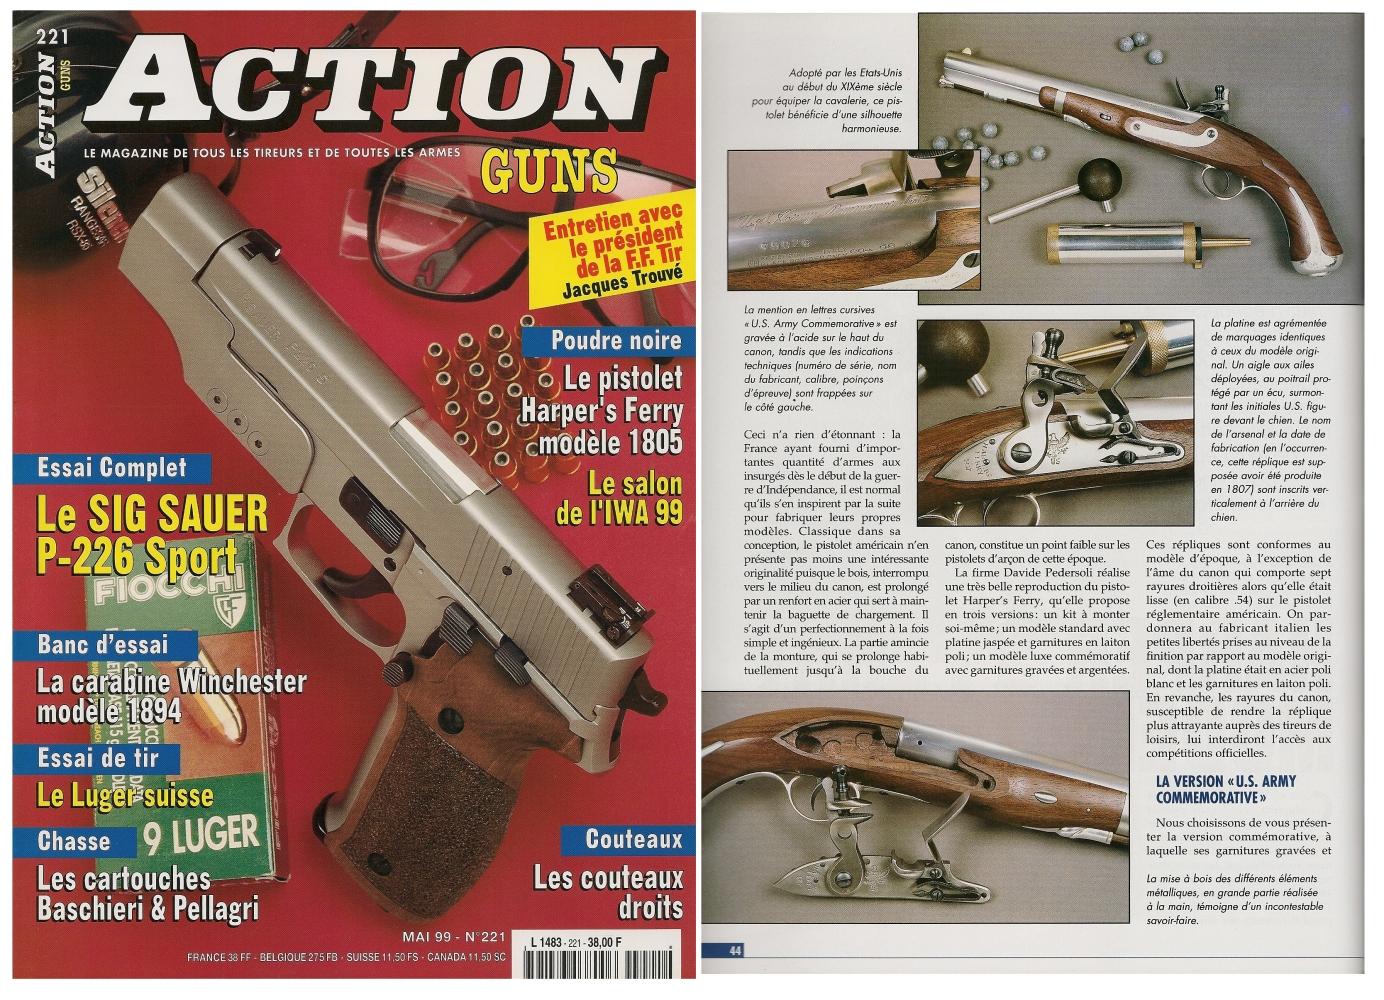 Le banc d'essai de la réplique du pistolet mu pistolet Harper's Ferry modèle 1805 a été publié sur 5 pages dans le magazine Action Guns n°221 (mai 1999).